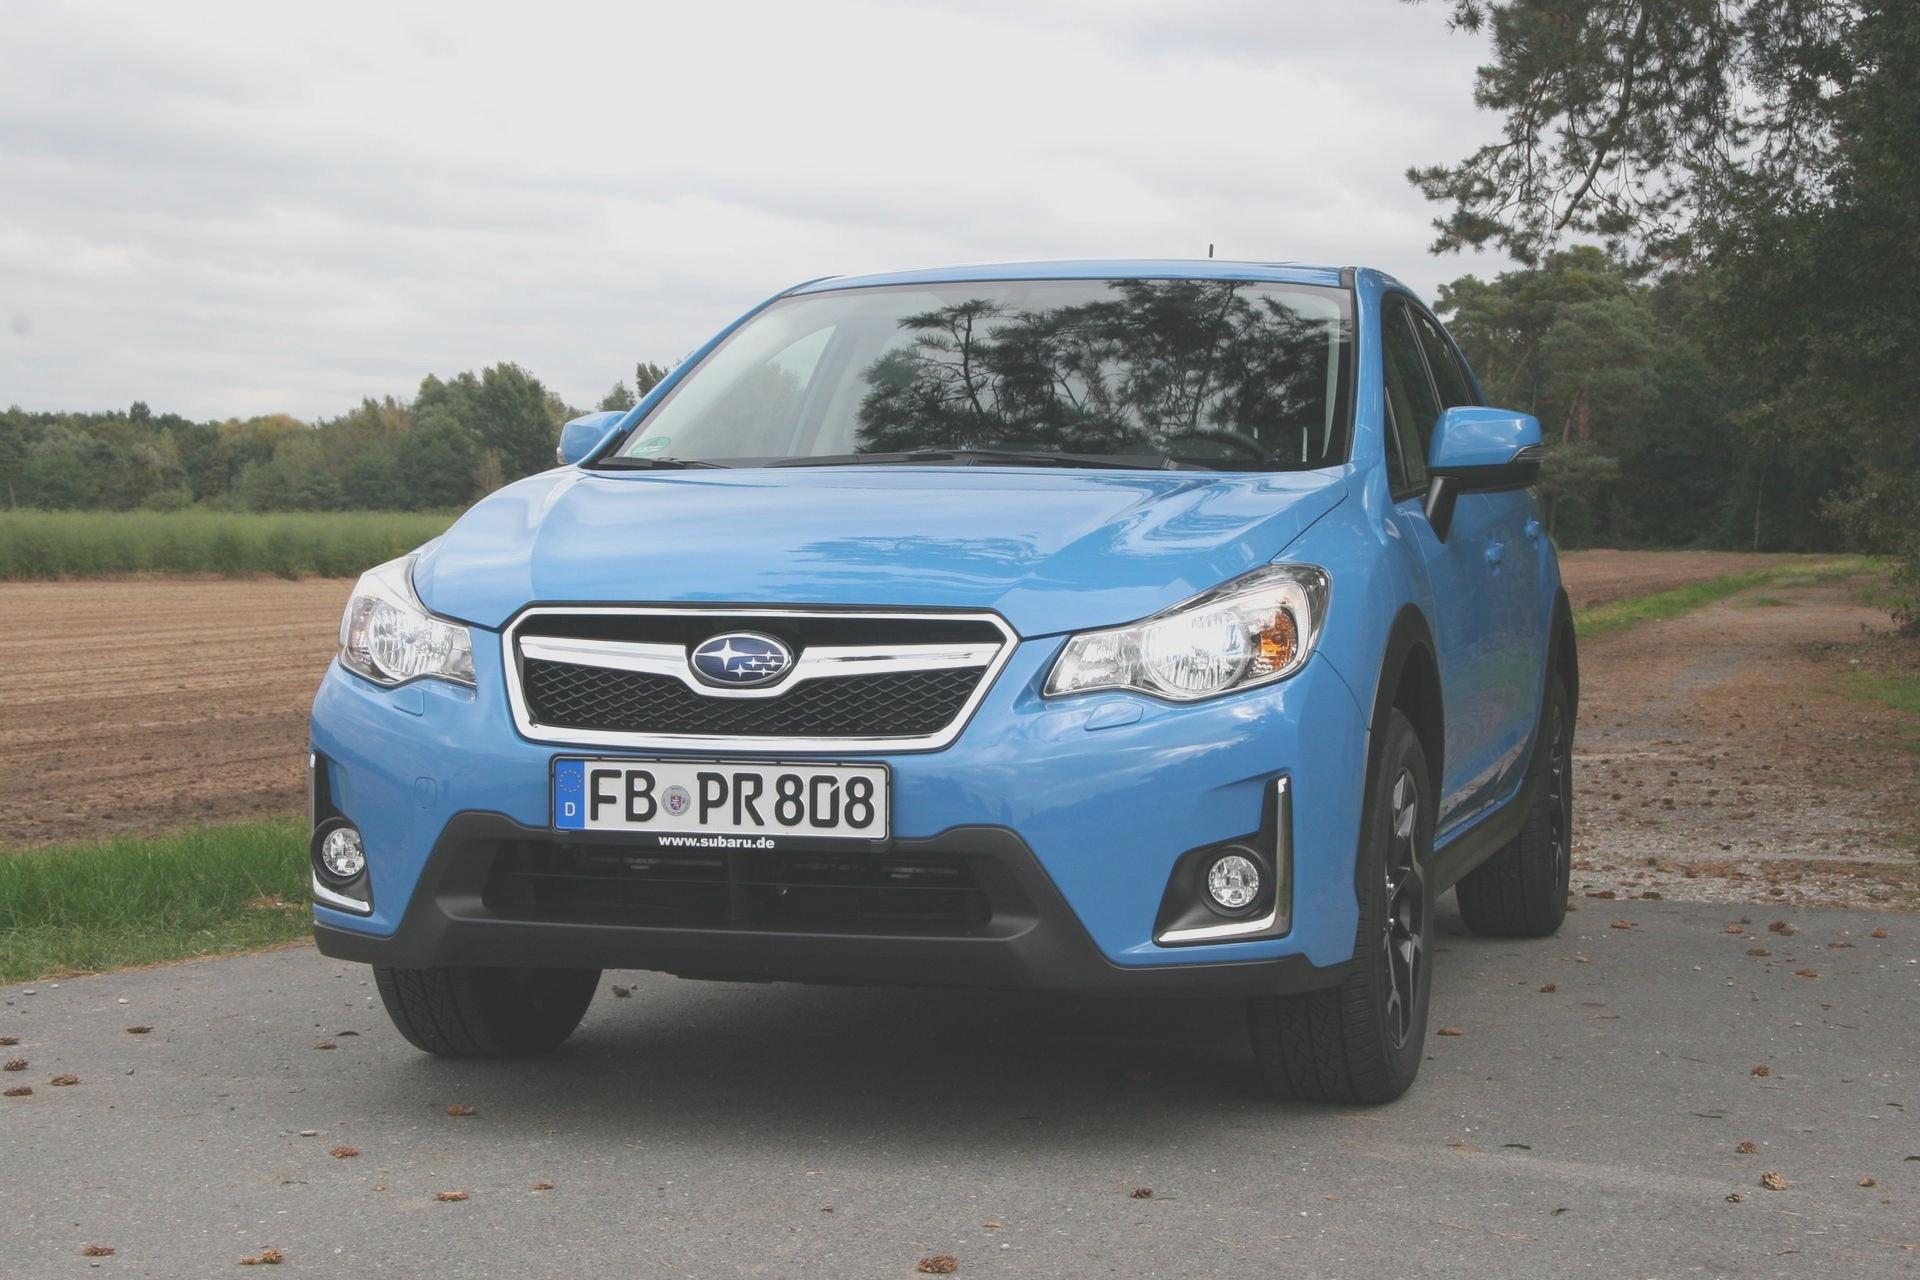 Ausmalbilder Rennauto Neu Druckbare Färbung Malvorlagen Autos Zum Ausdrucken News Blog Das Bild